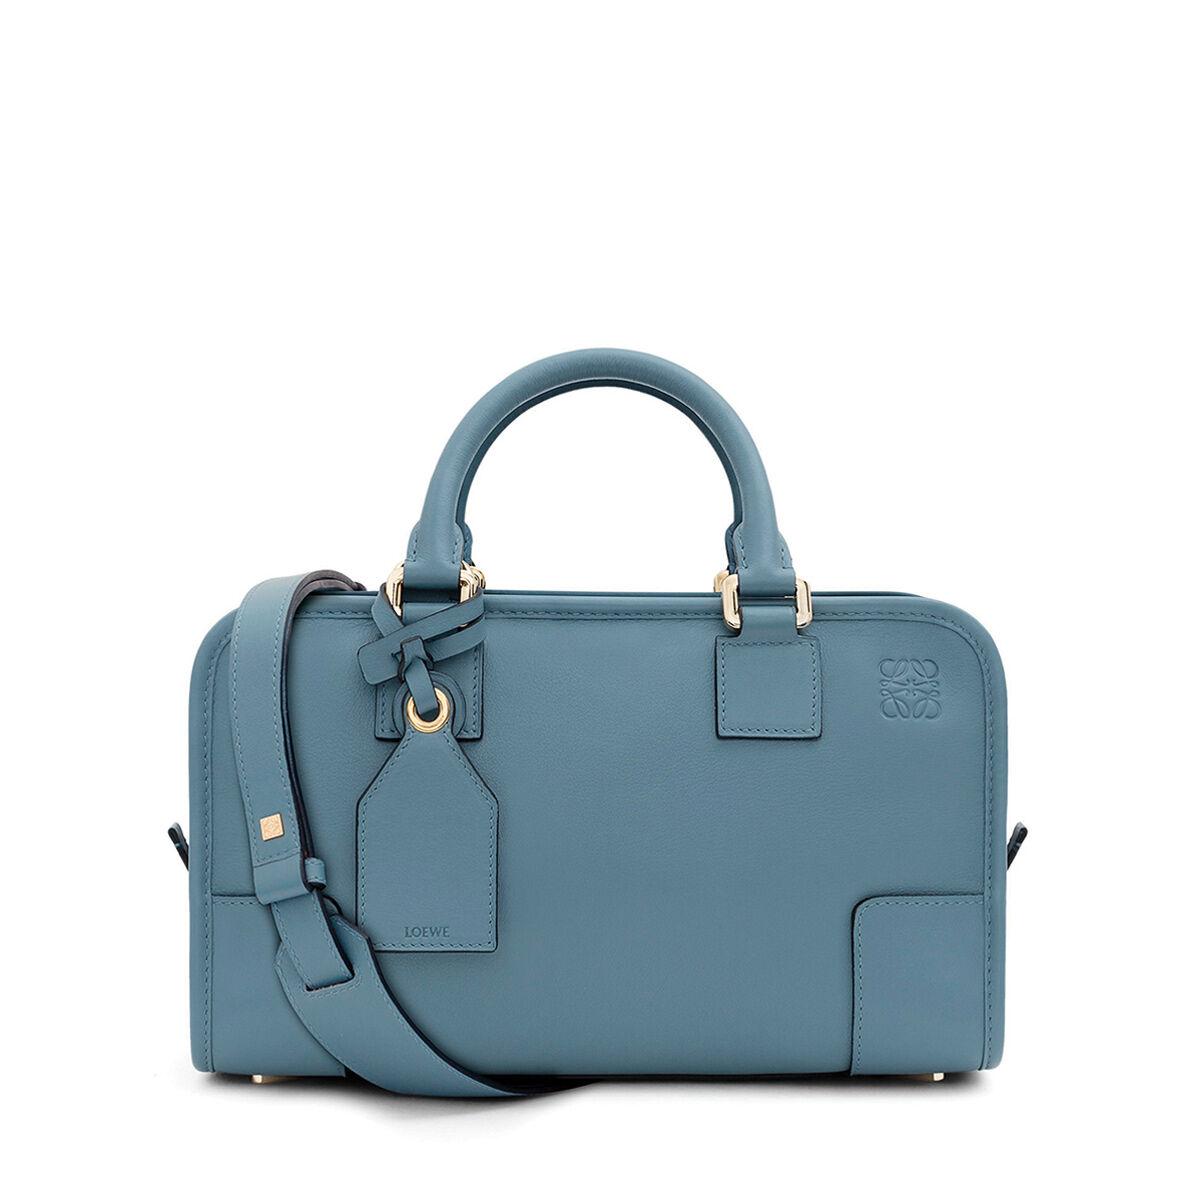 LOEWE Amazona 28 Bag 灰蓝色 all